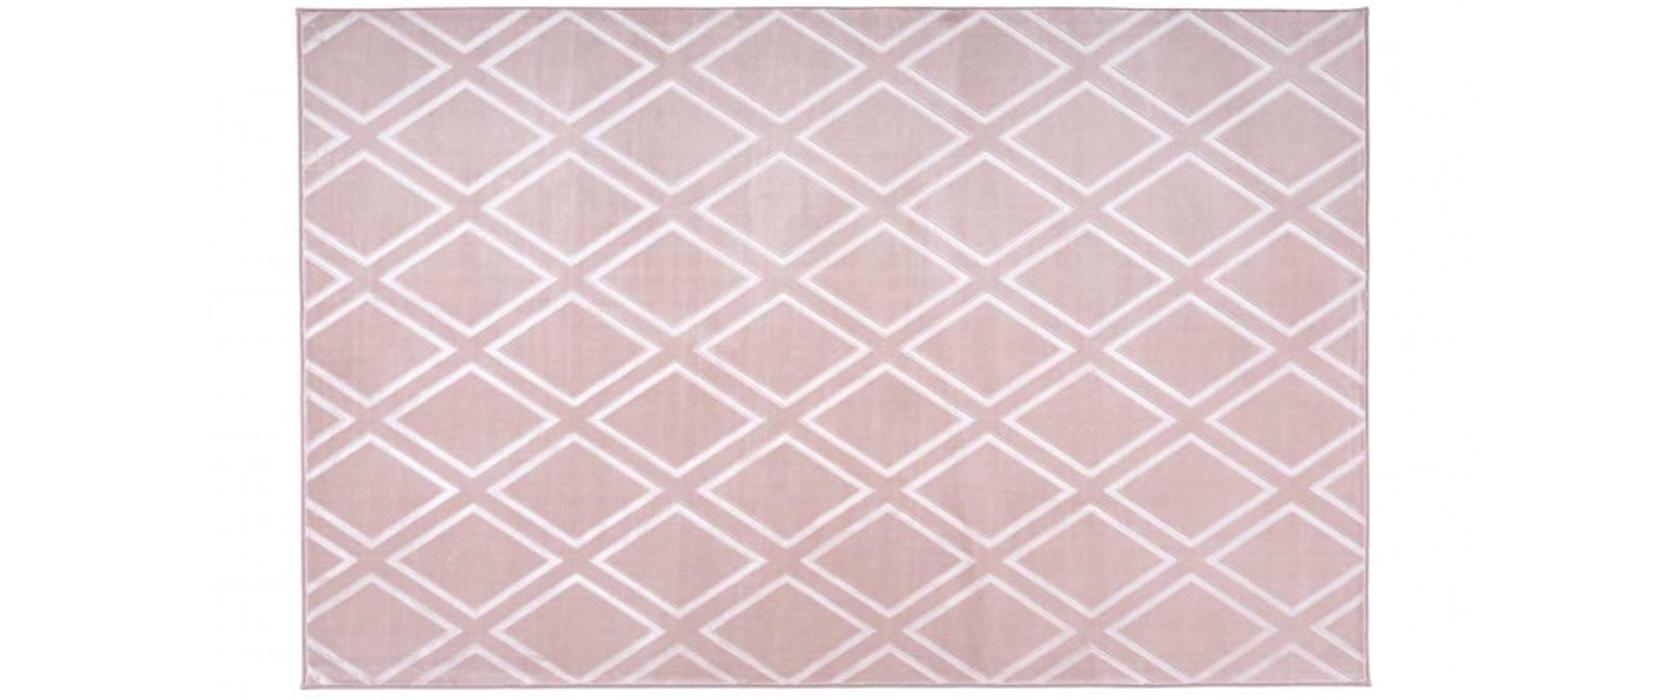 Килим Monroe 300 romb Rosa 80х150 см - Фото 1 - Pufetto